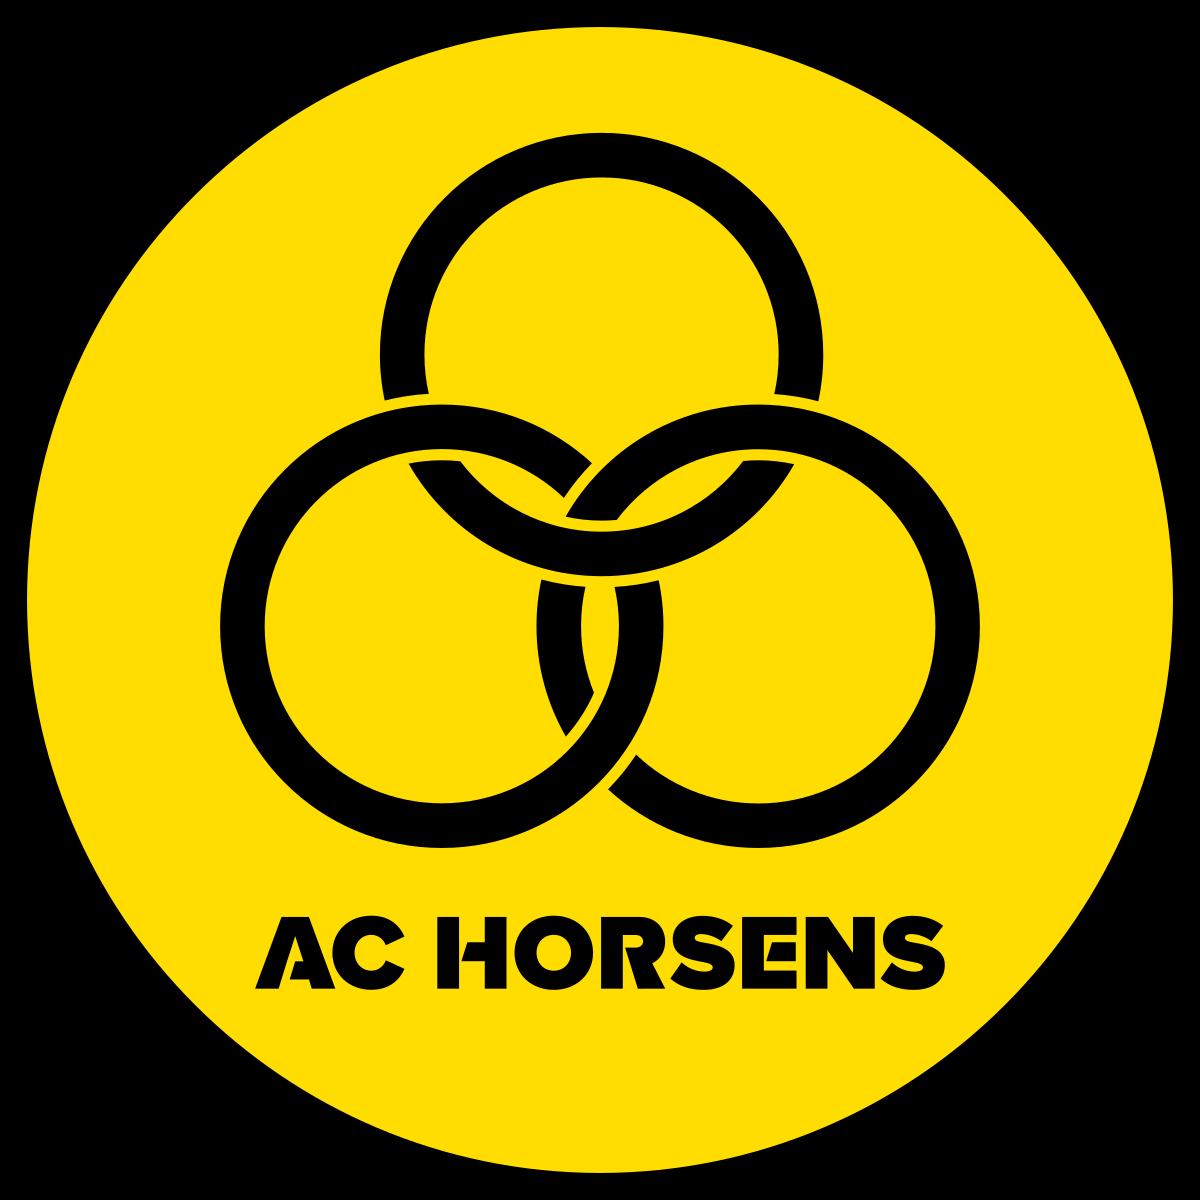 AC Horsens team logo